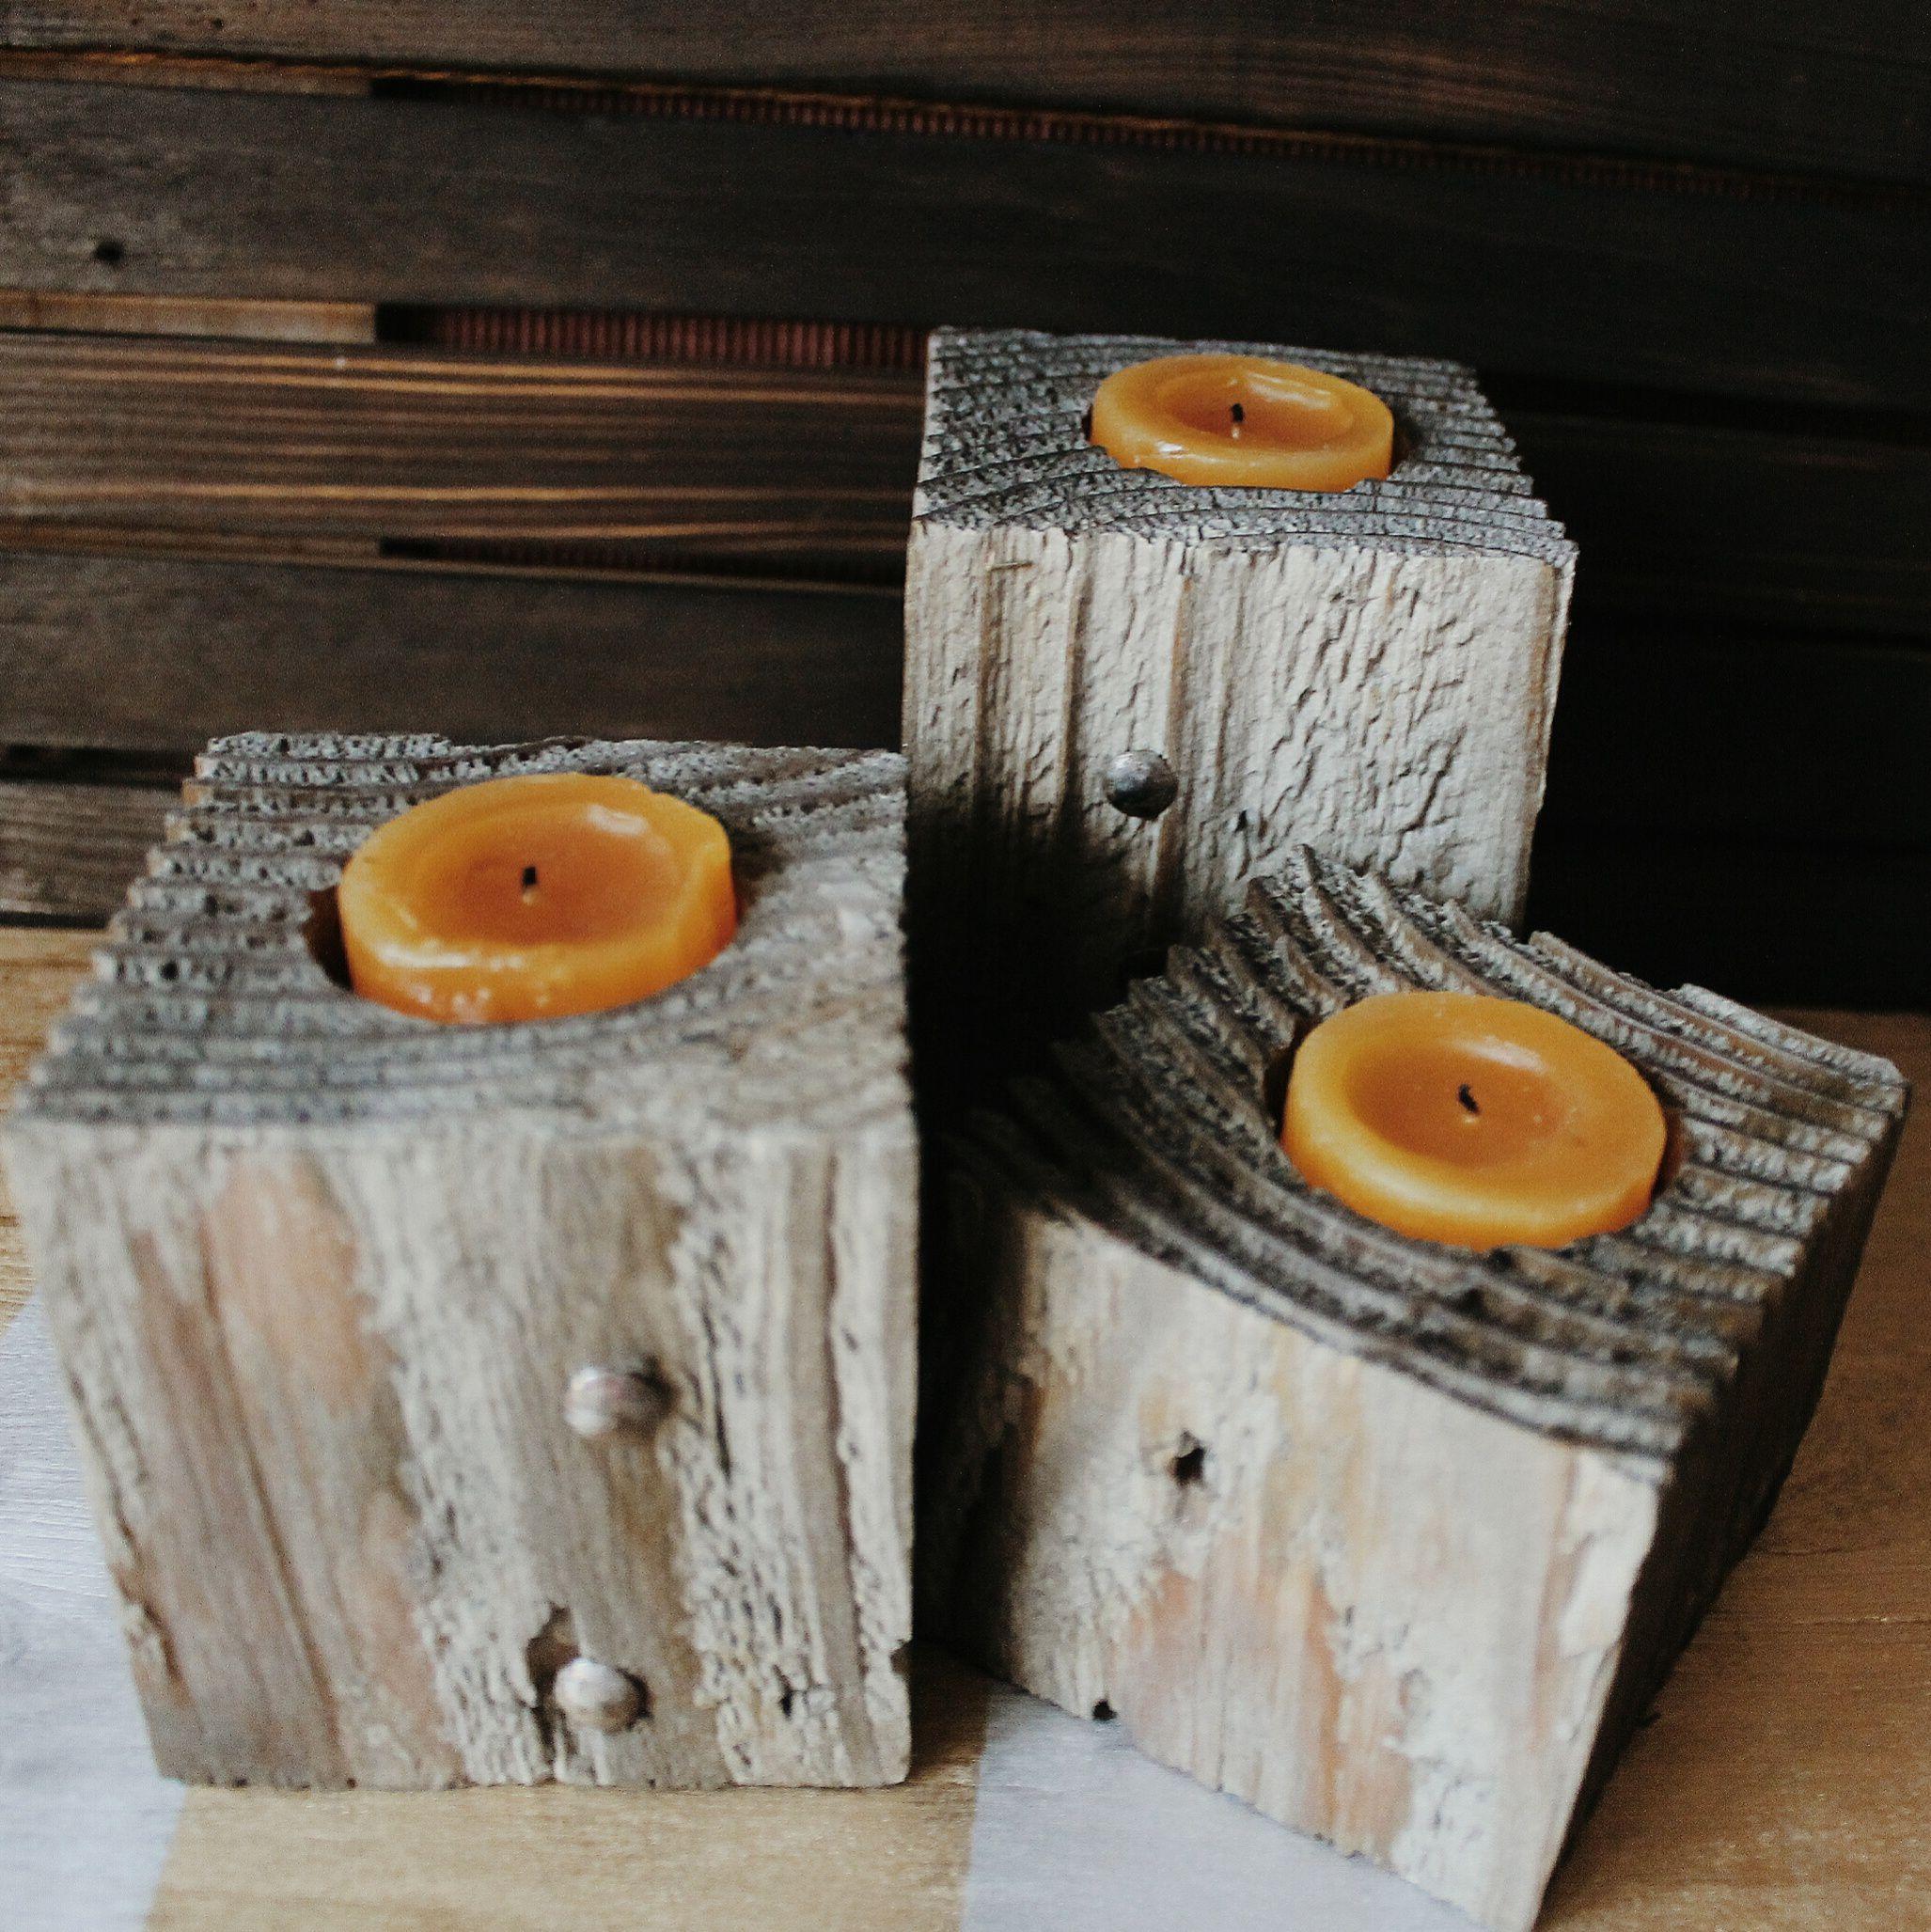 дом дерево подсвечник дерева ручной дизайн часы аксессуары уют тепло для интерьер издерева ручная работа картина подарок